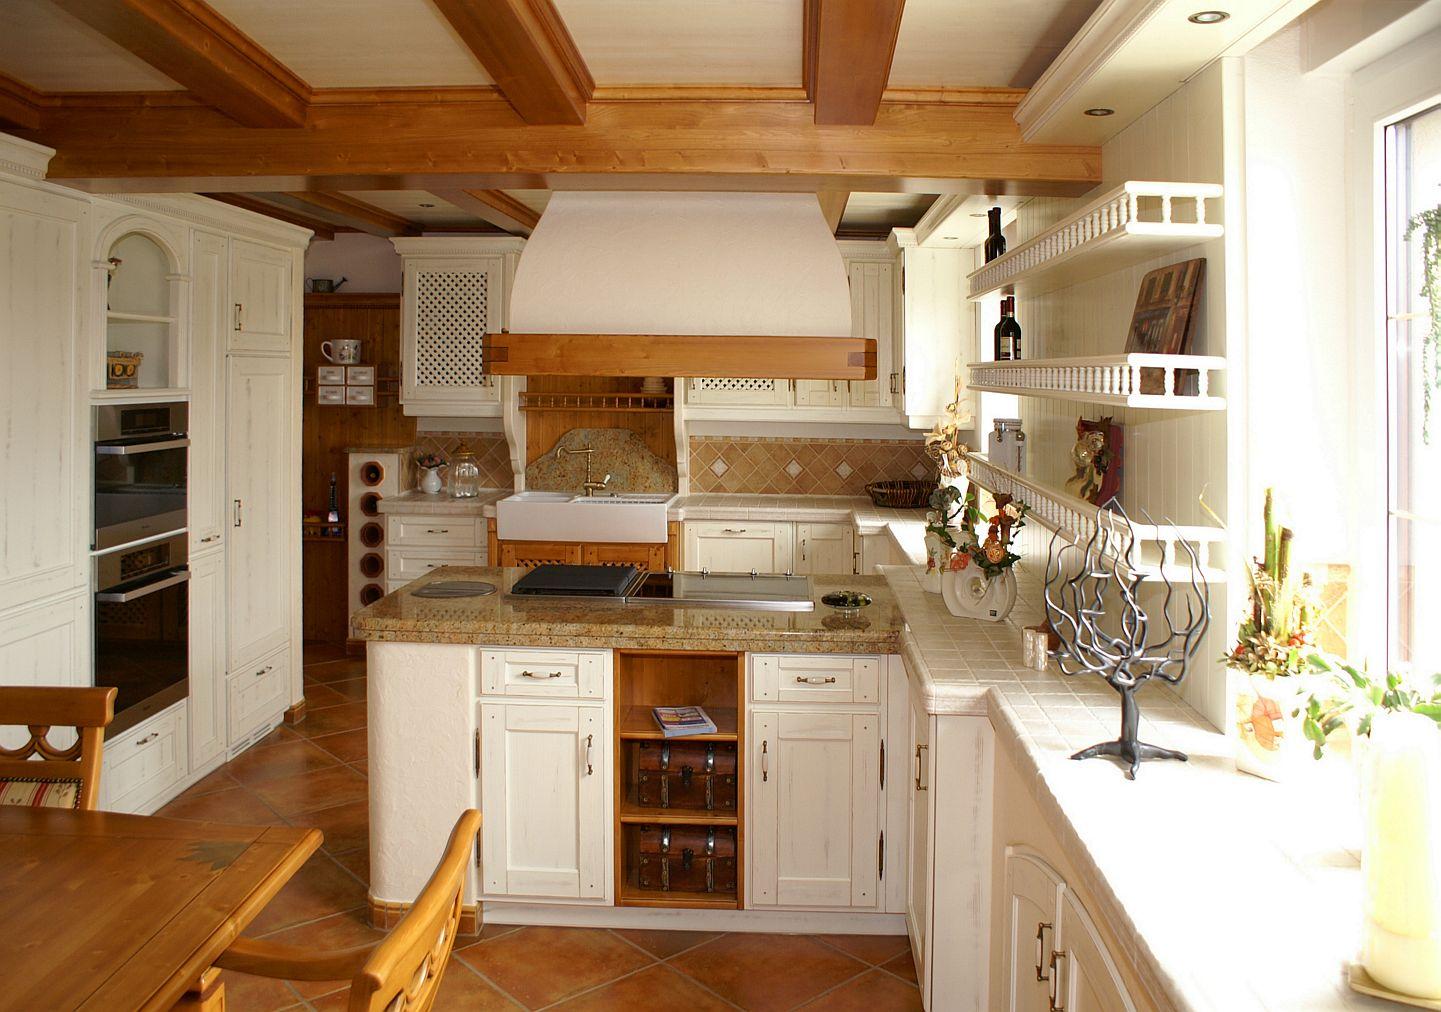 Küche CARNIA in Fichte massiv mit Wandvertäfelung und Holzbalkendecke | Möbel Finsterwalder